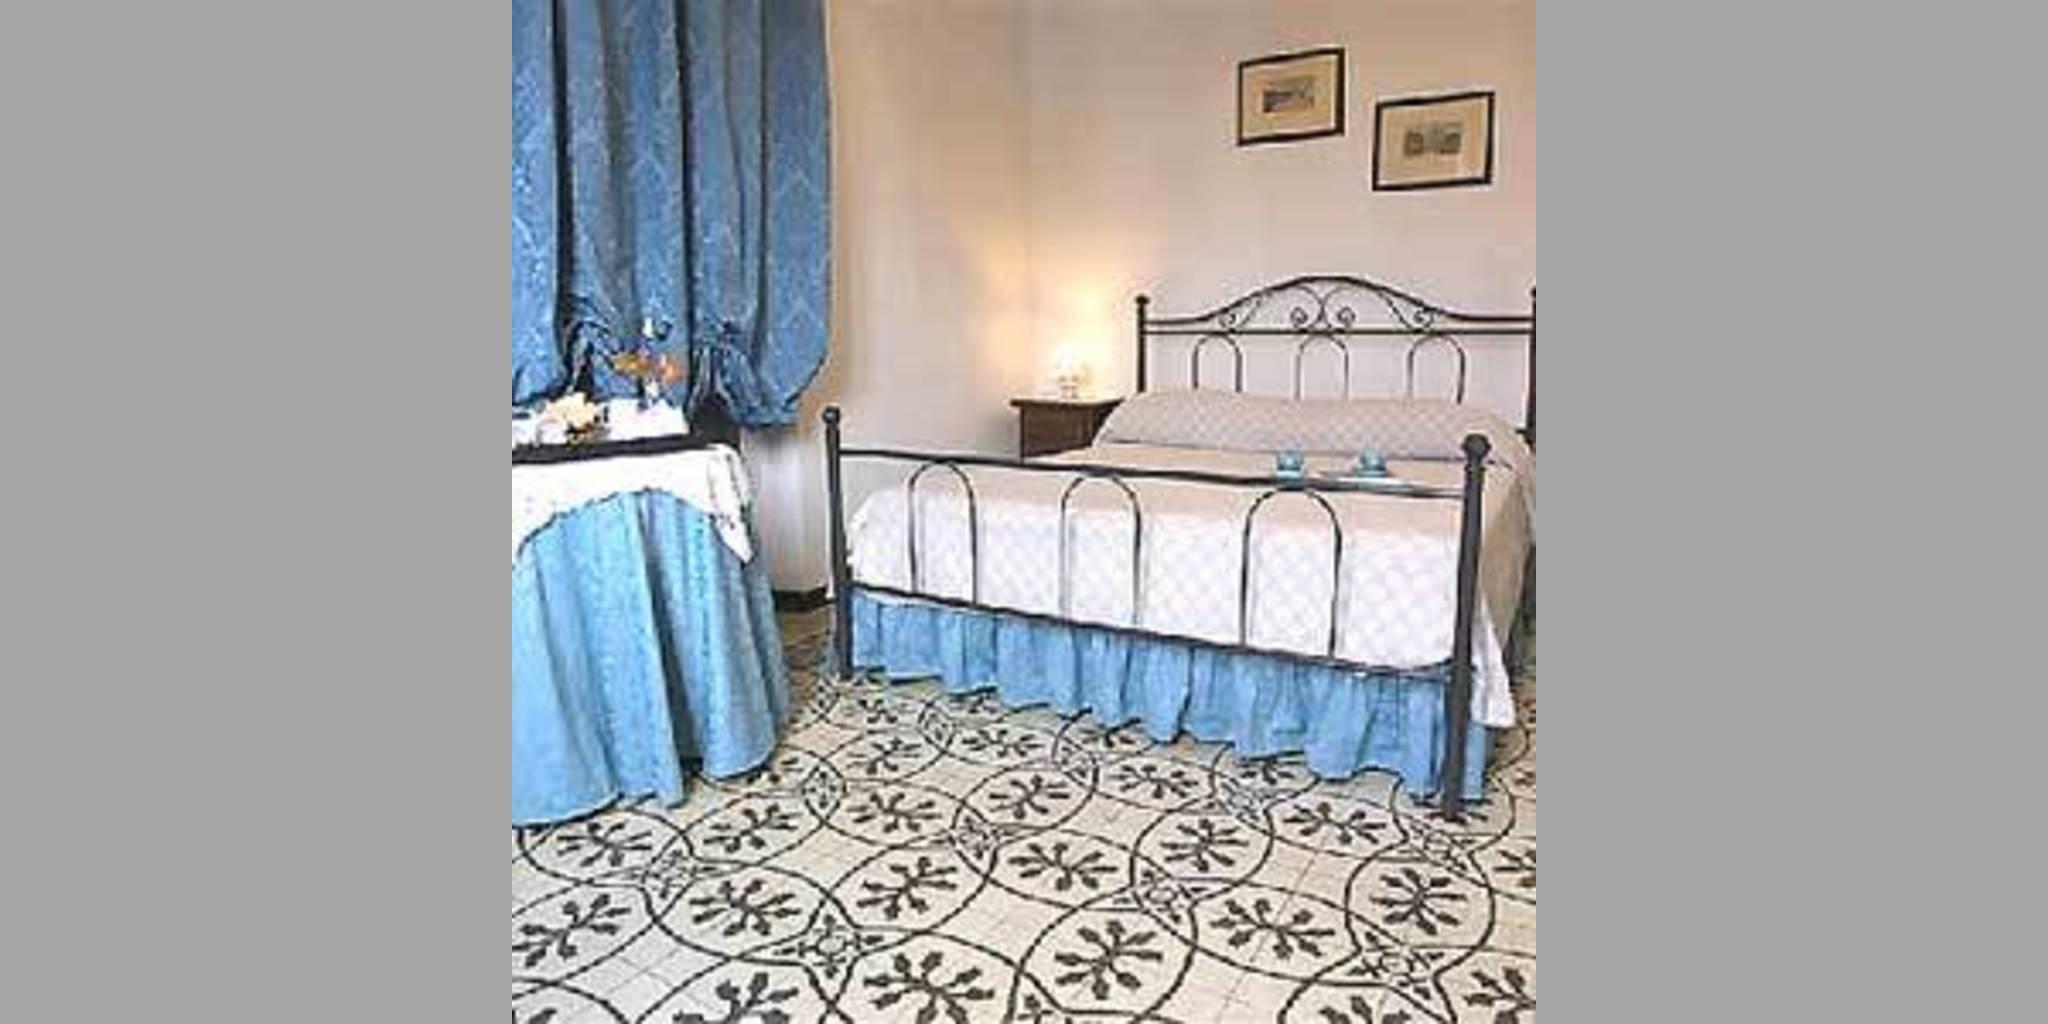 Bed & Breakfast Lucca - Lucca  Antiche Mura_